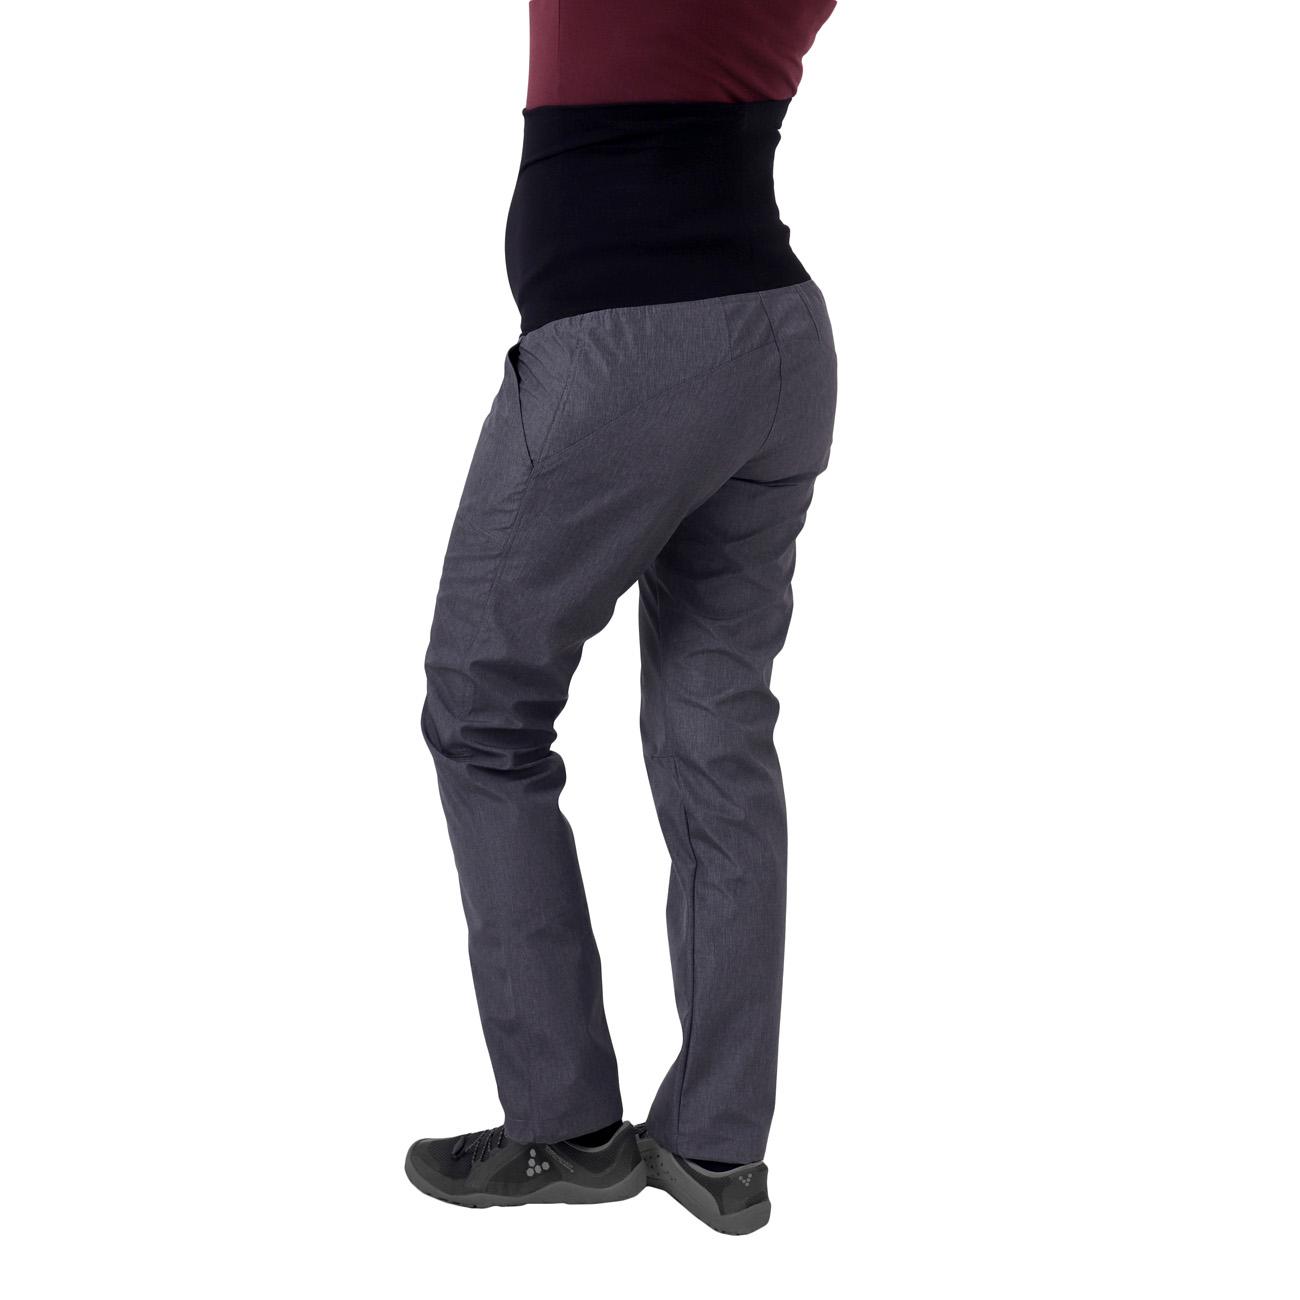 Jarní/letní těhotenské softshellové kalhoty liva, šedý melír, 36 zkrácená délka